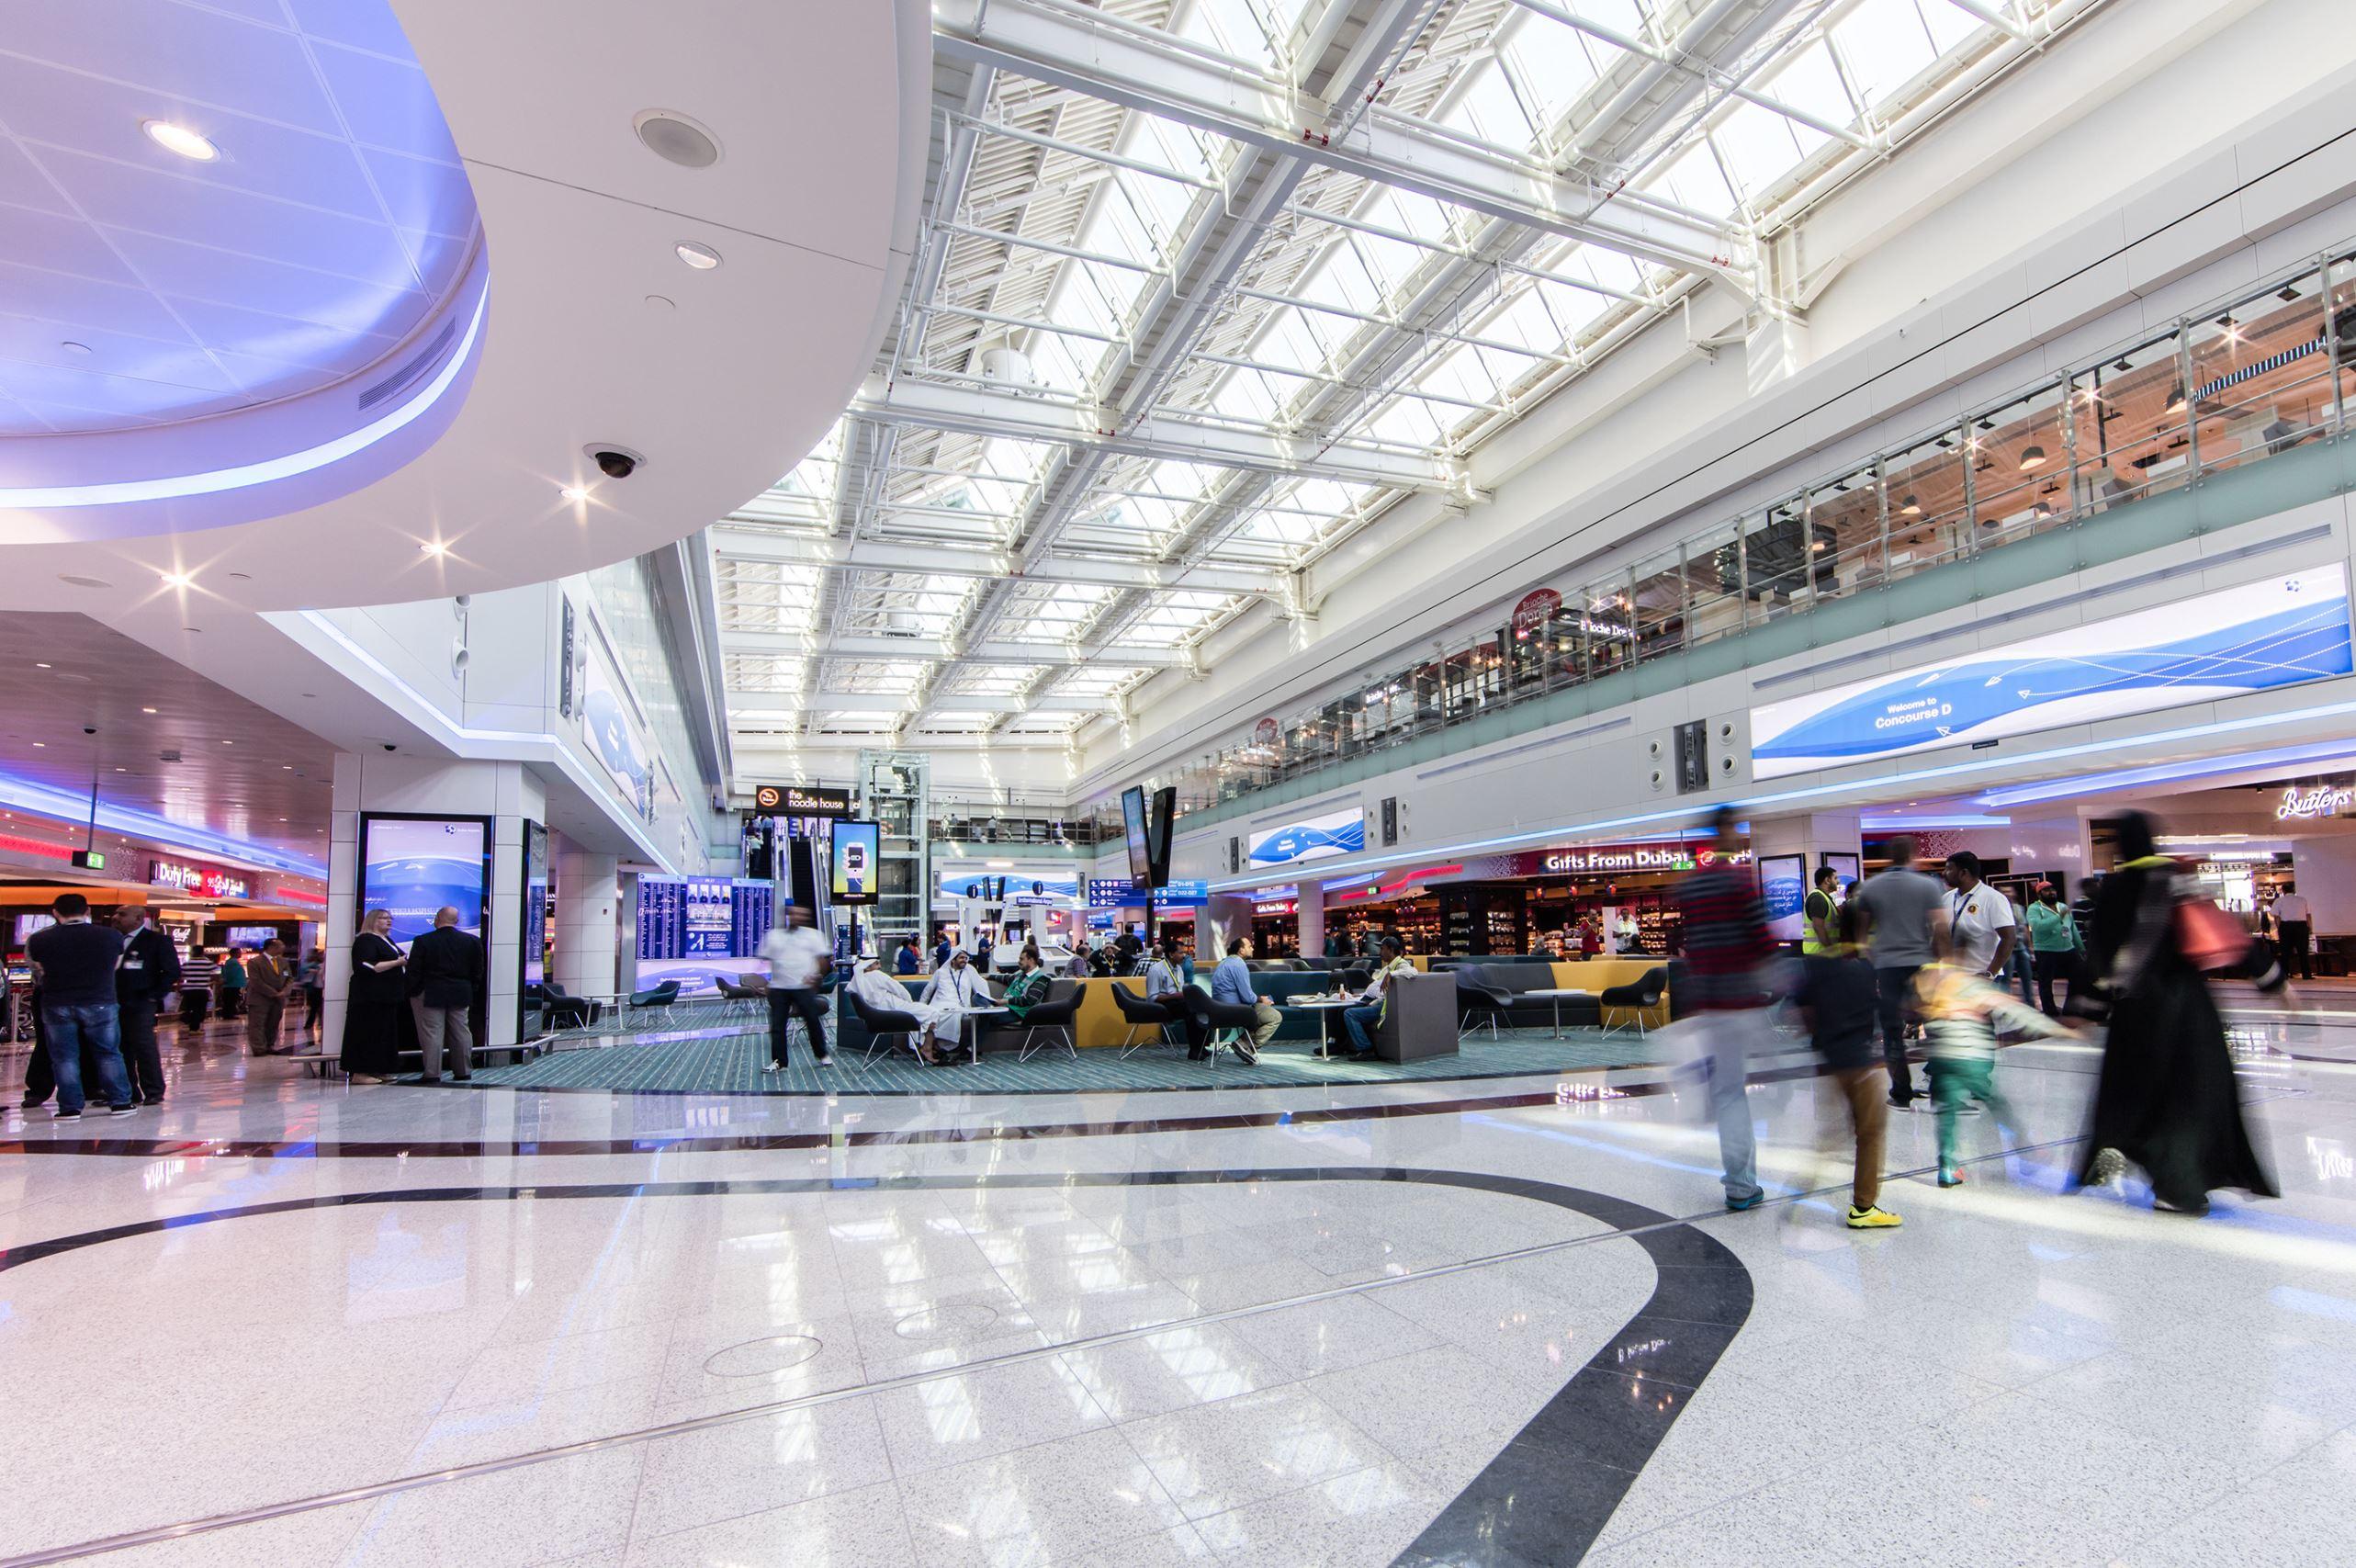 Пассажирский трафик аэропорта Dubai International в первом полугодии превысил 40 млн. человек